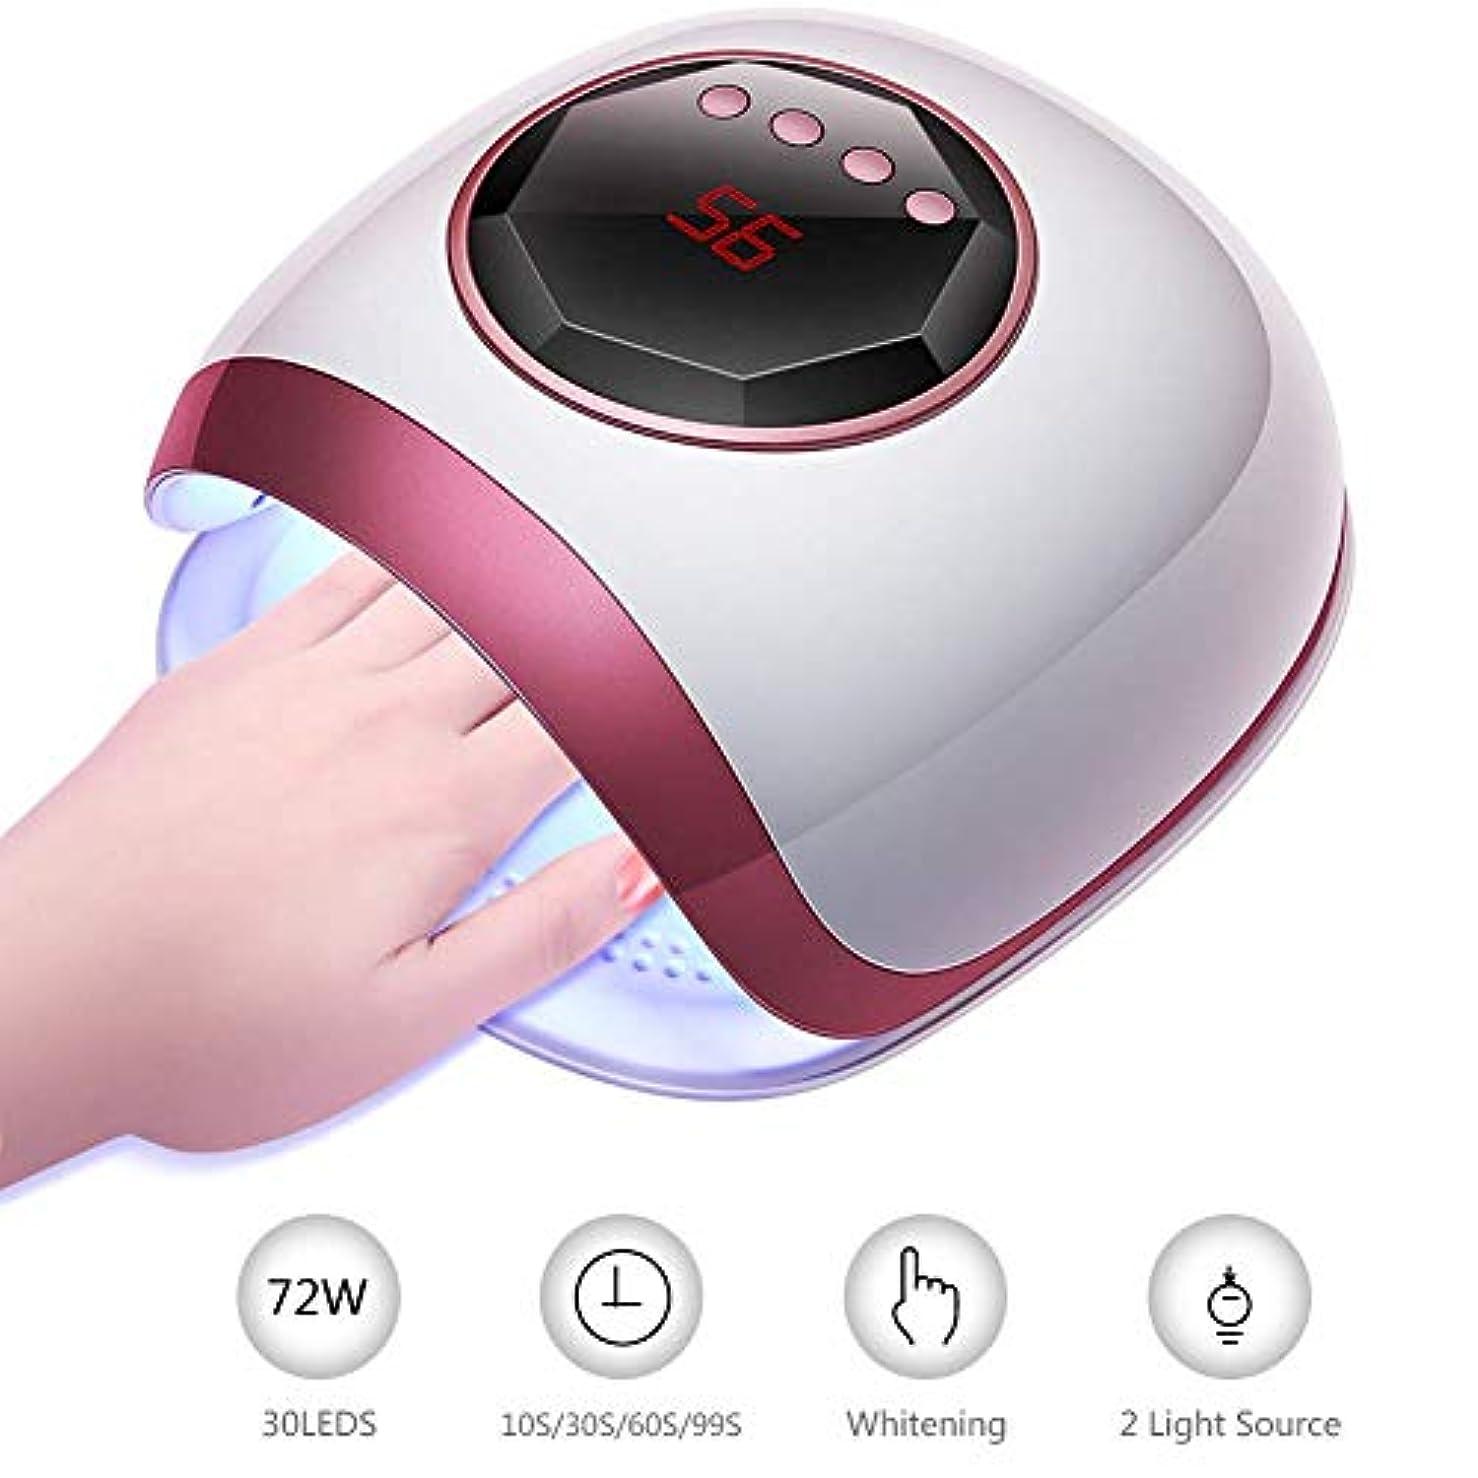 下手思い出させる寝室を掃除するジェルポリッシュ用72W UV 30 LEDネイルランプ、4タイマー設定センサー付きネイルドライヤー、デュアル光源、ホワイトニング機能ネイルランプドライヤー(爪&足指用)